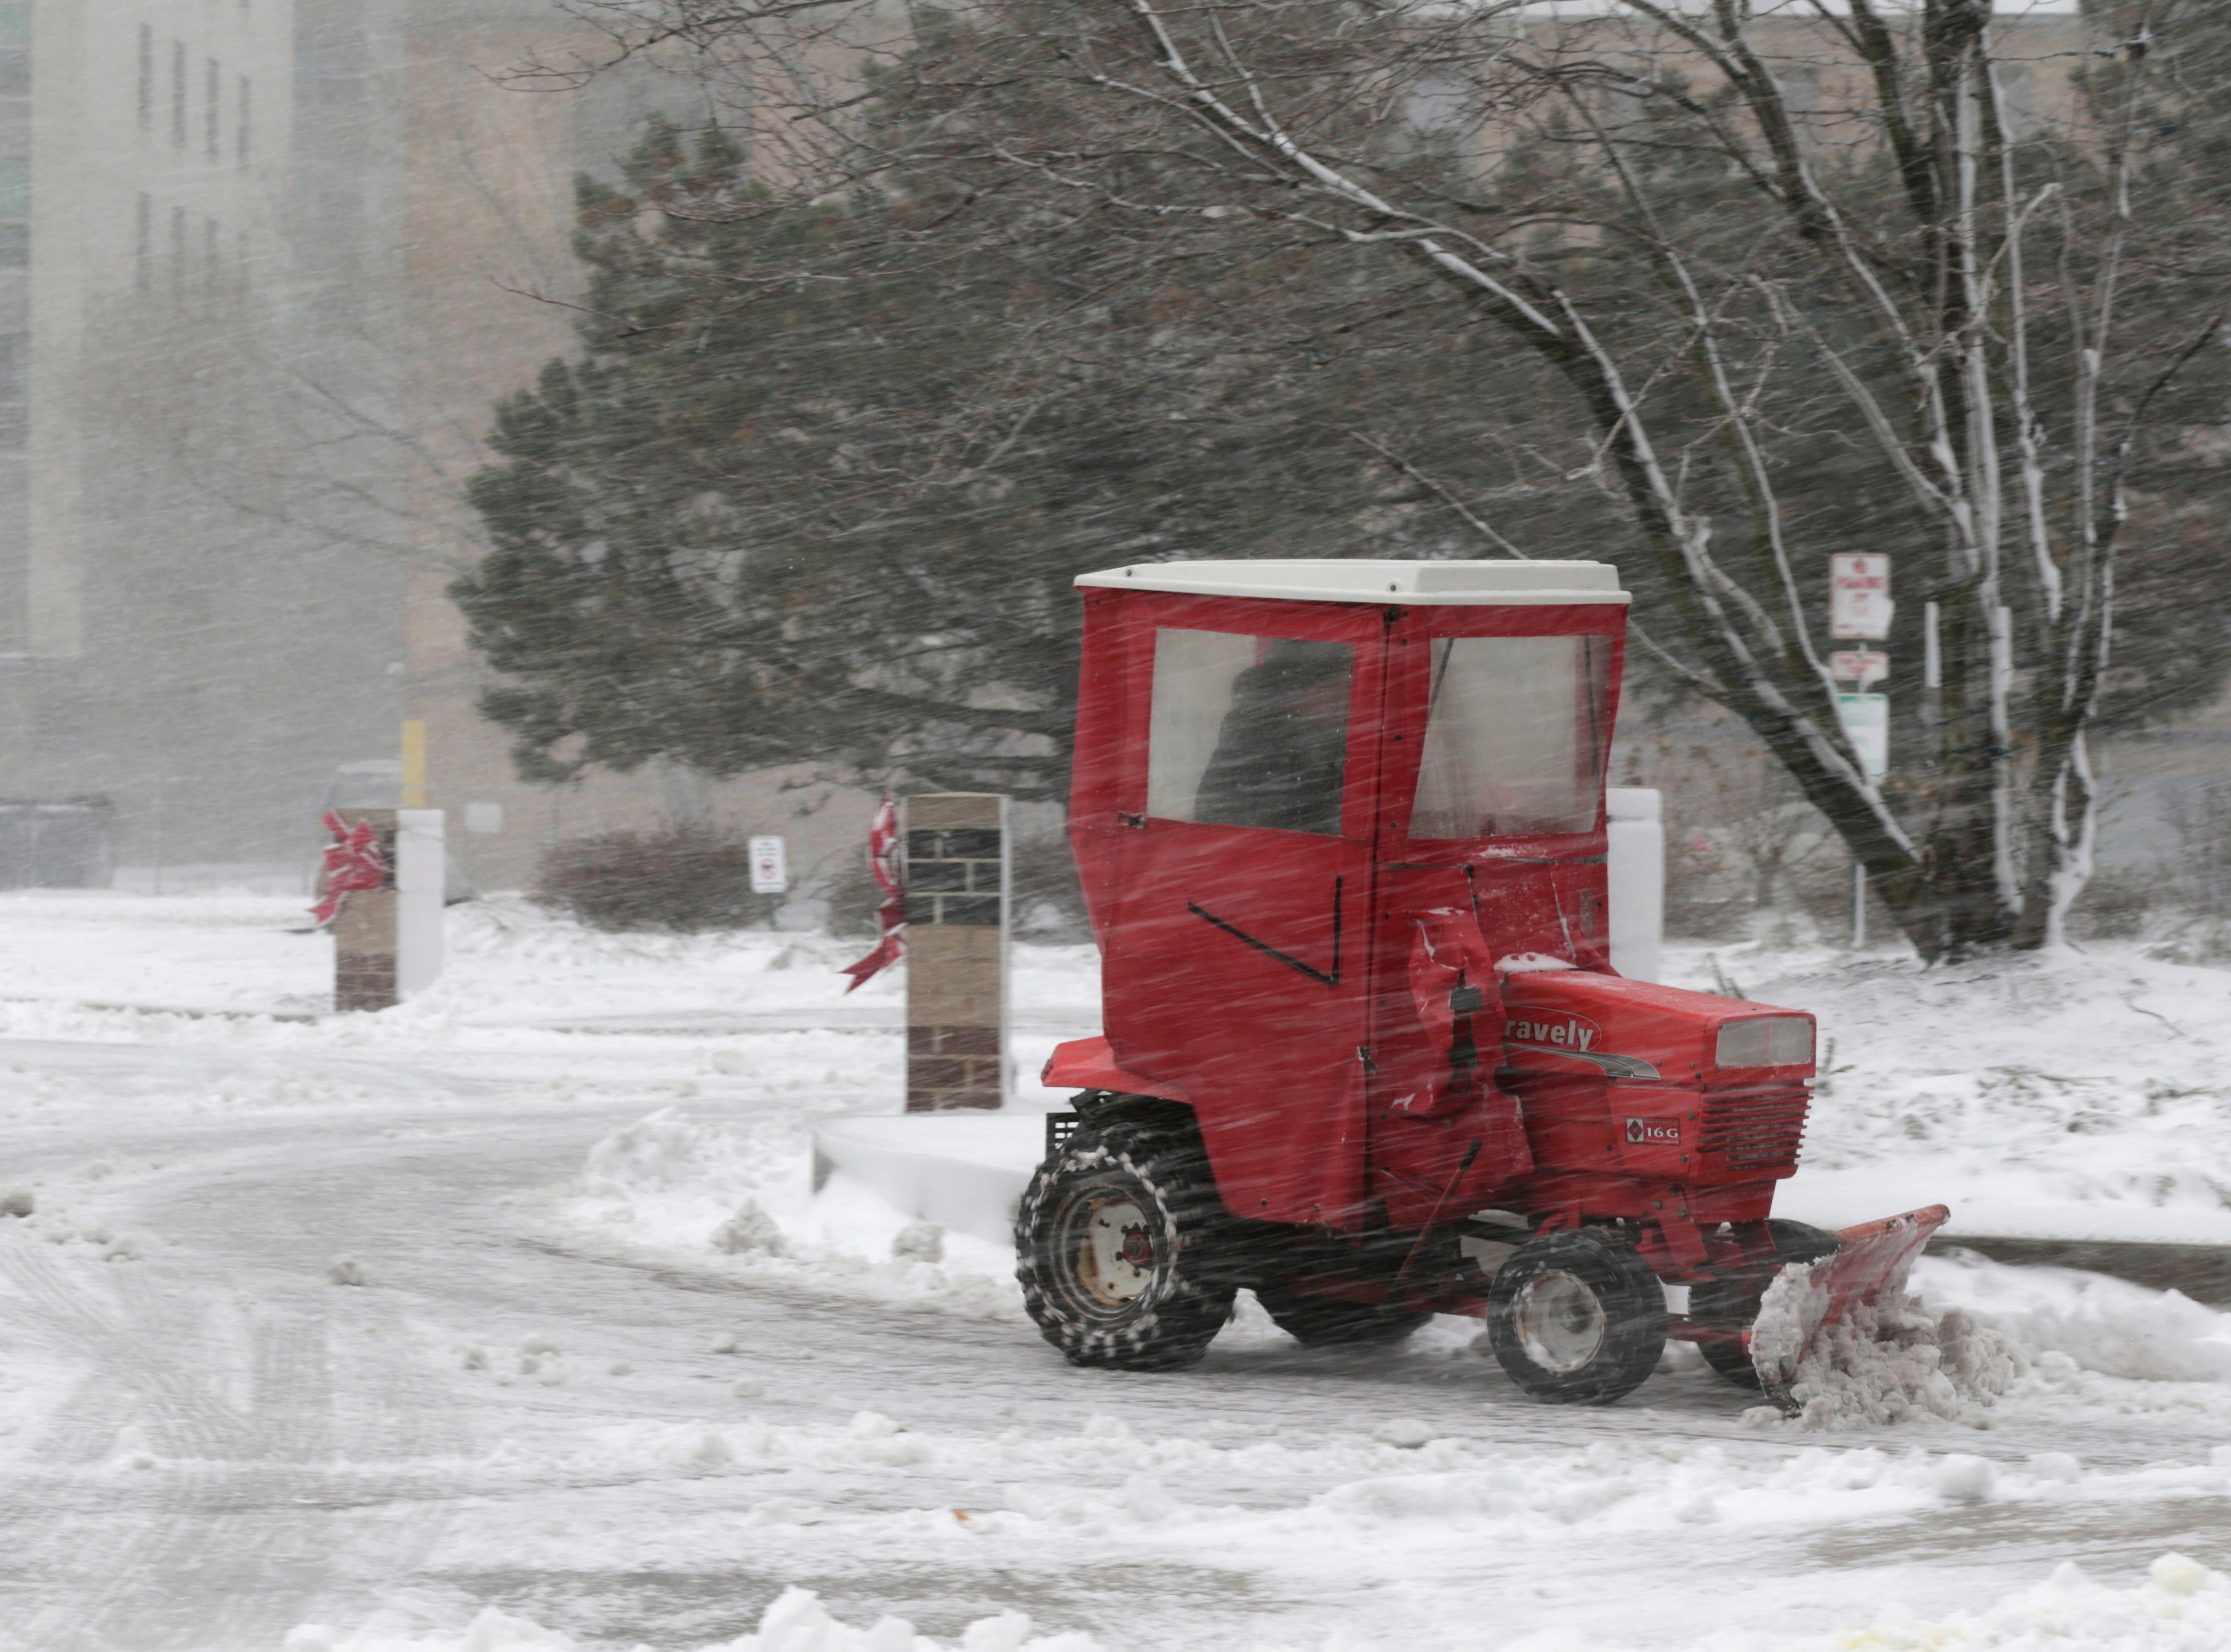 Un hombre hace un camino de entrada cuando cae la nieve, el lunes 26 de noviembre de 2018, en Chicago. Una tempestad invernal trajo condiciones de tormenta de nieve a partes del Medio Oeste el lunes temprano, aterrizando cientos de vuelos y causando un caos en el tráfico mientras los viajeros regresaban al trabajo después del fin de semana de Acción de Gracias.